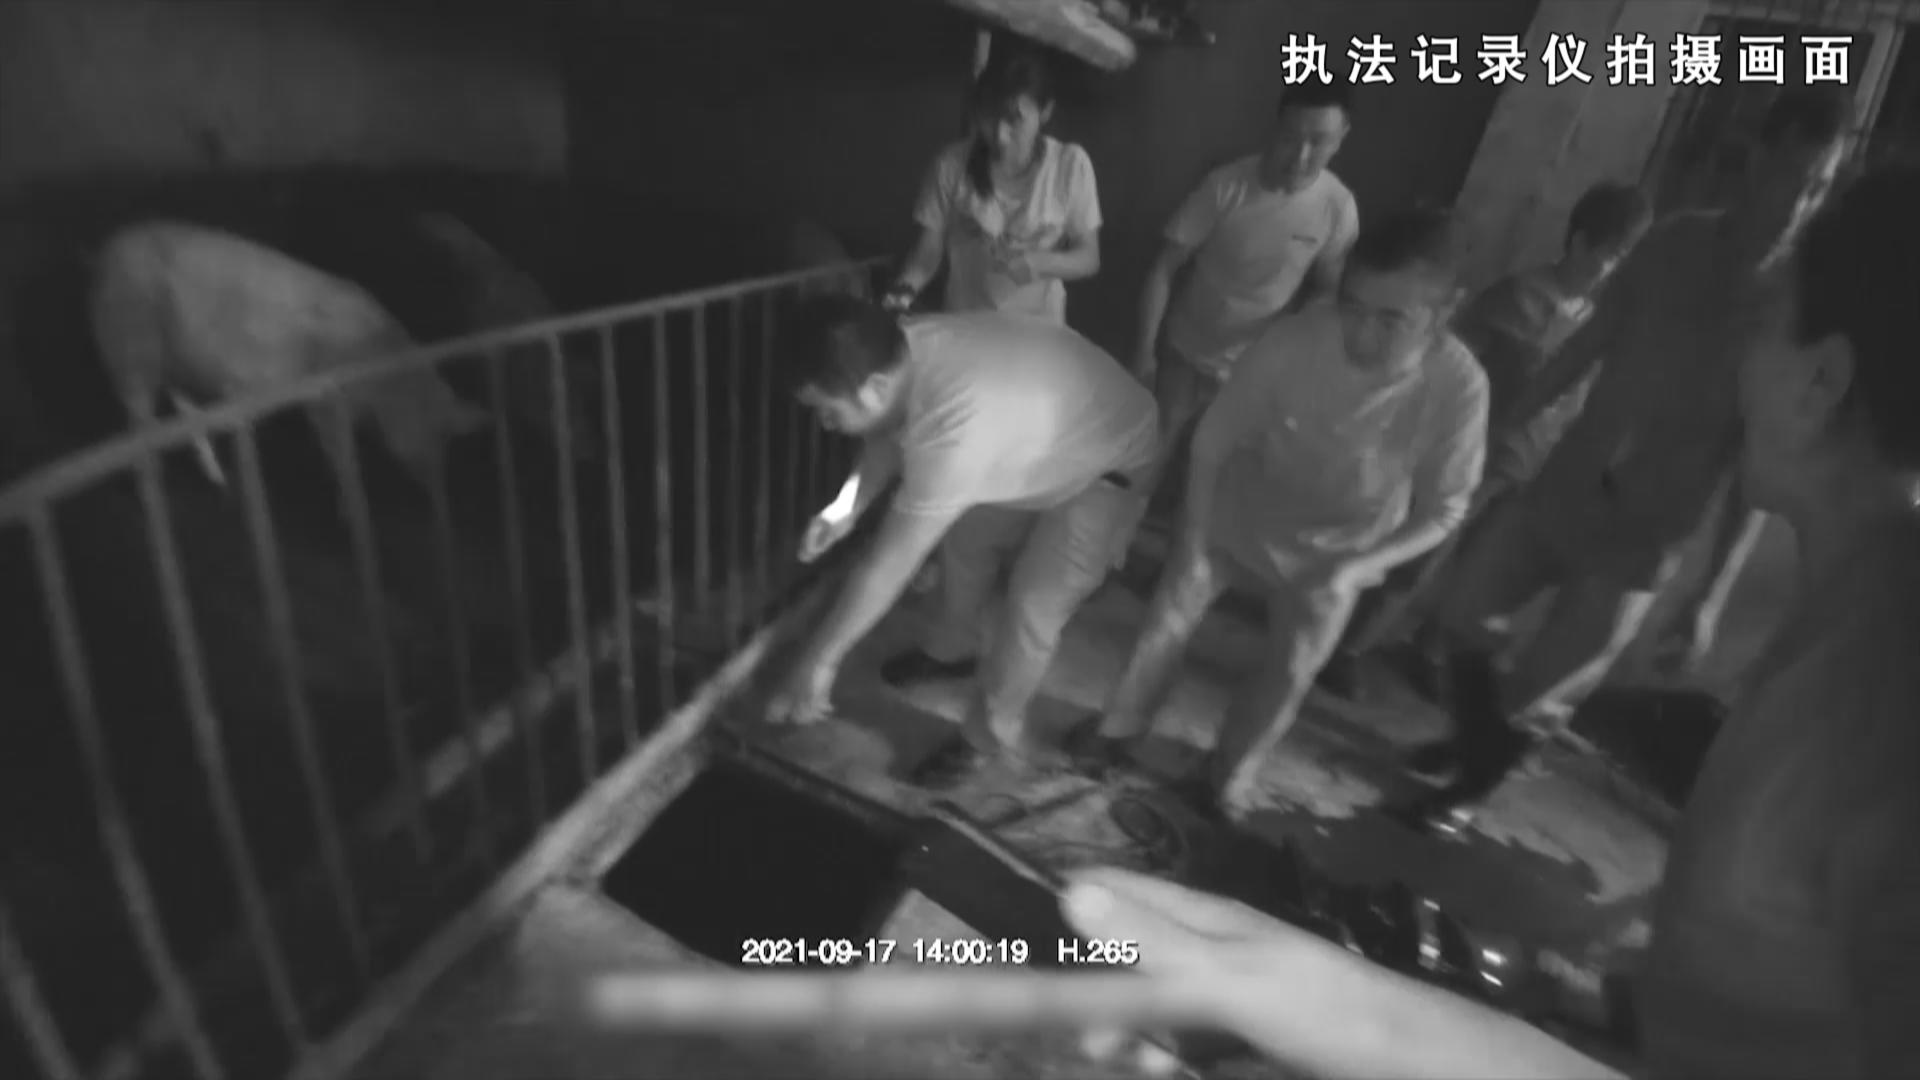 贵州开阳一民警跳入化粪池抢救遇险群众 昏迷近20小时后抢救苏醒